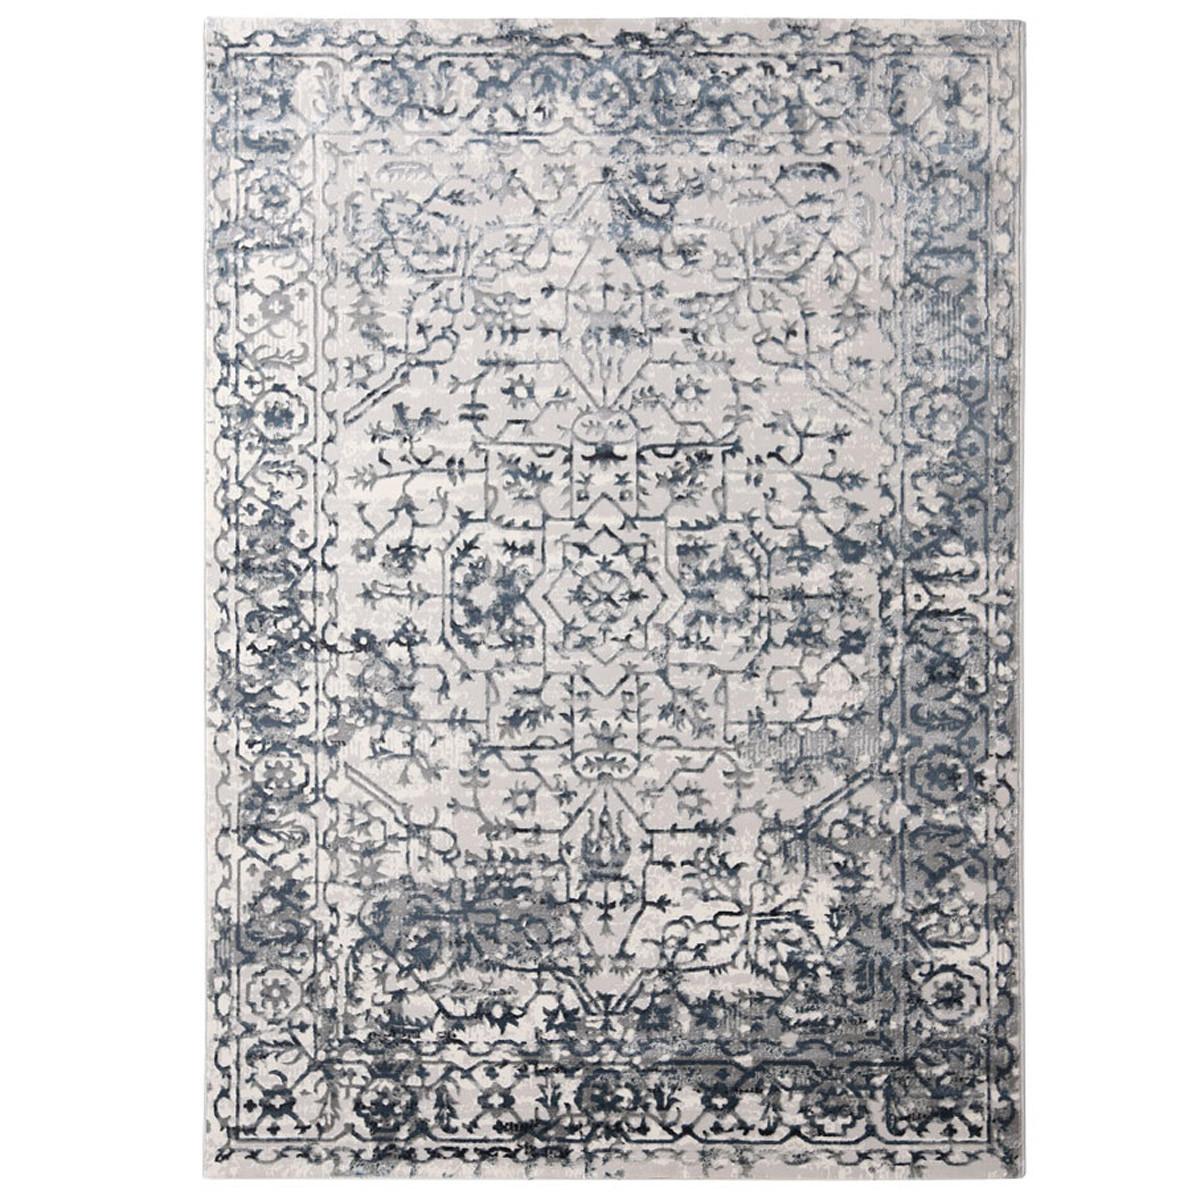 Χαλιά Κρεβατοκάμαρας (Σετ 3τμχ) Royal Carpets Elegance 5412 Grey